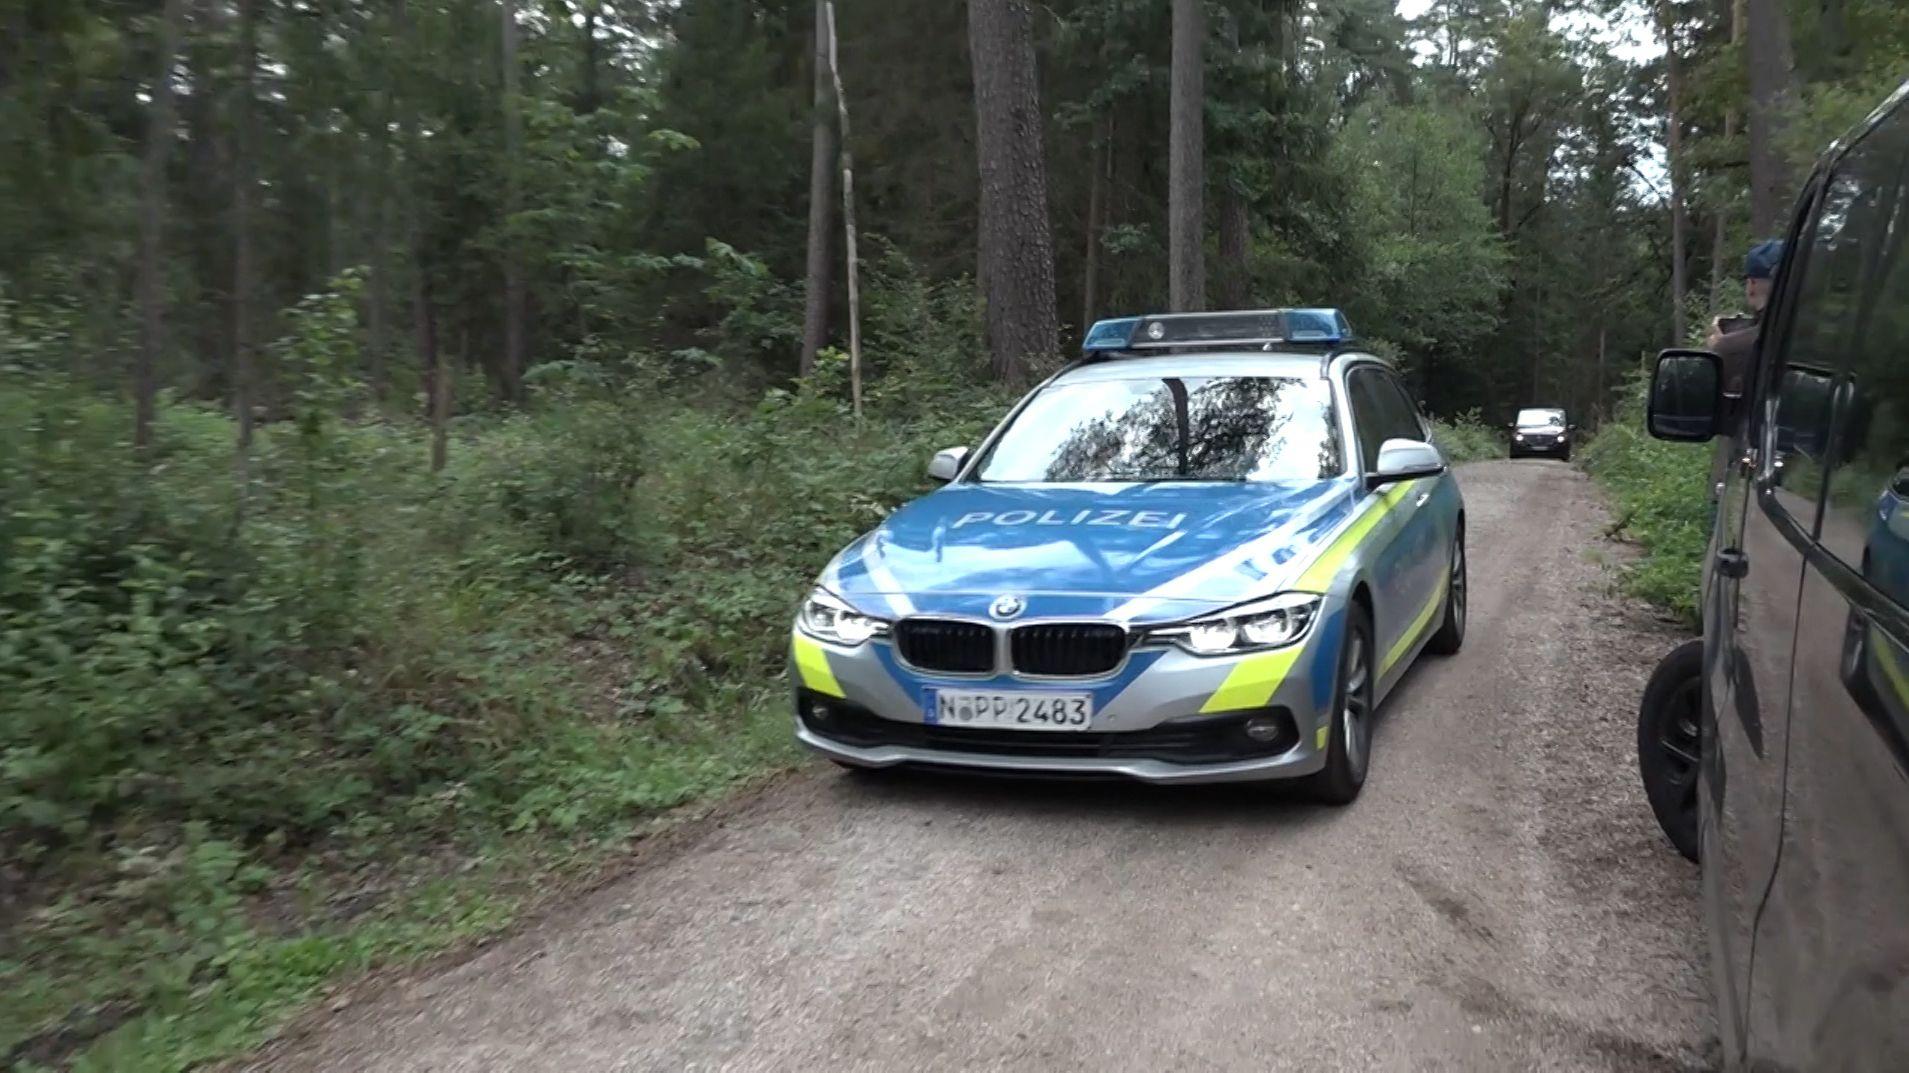 Polizeiauto im Wald bei Lauf